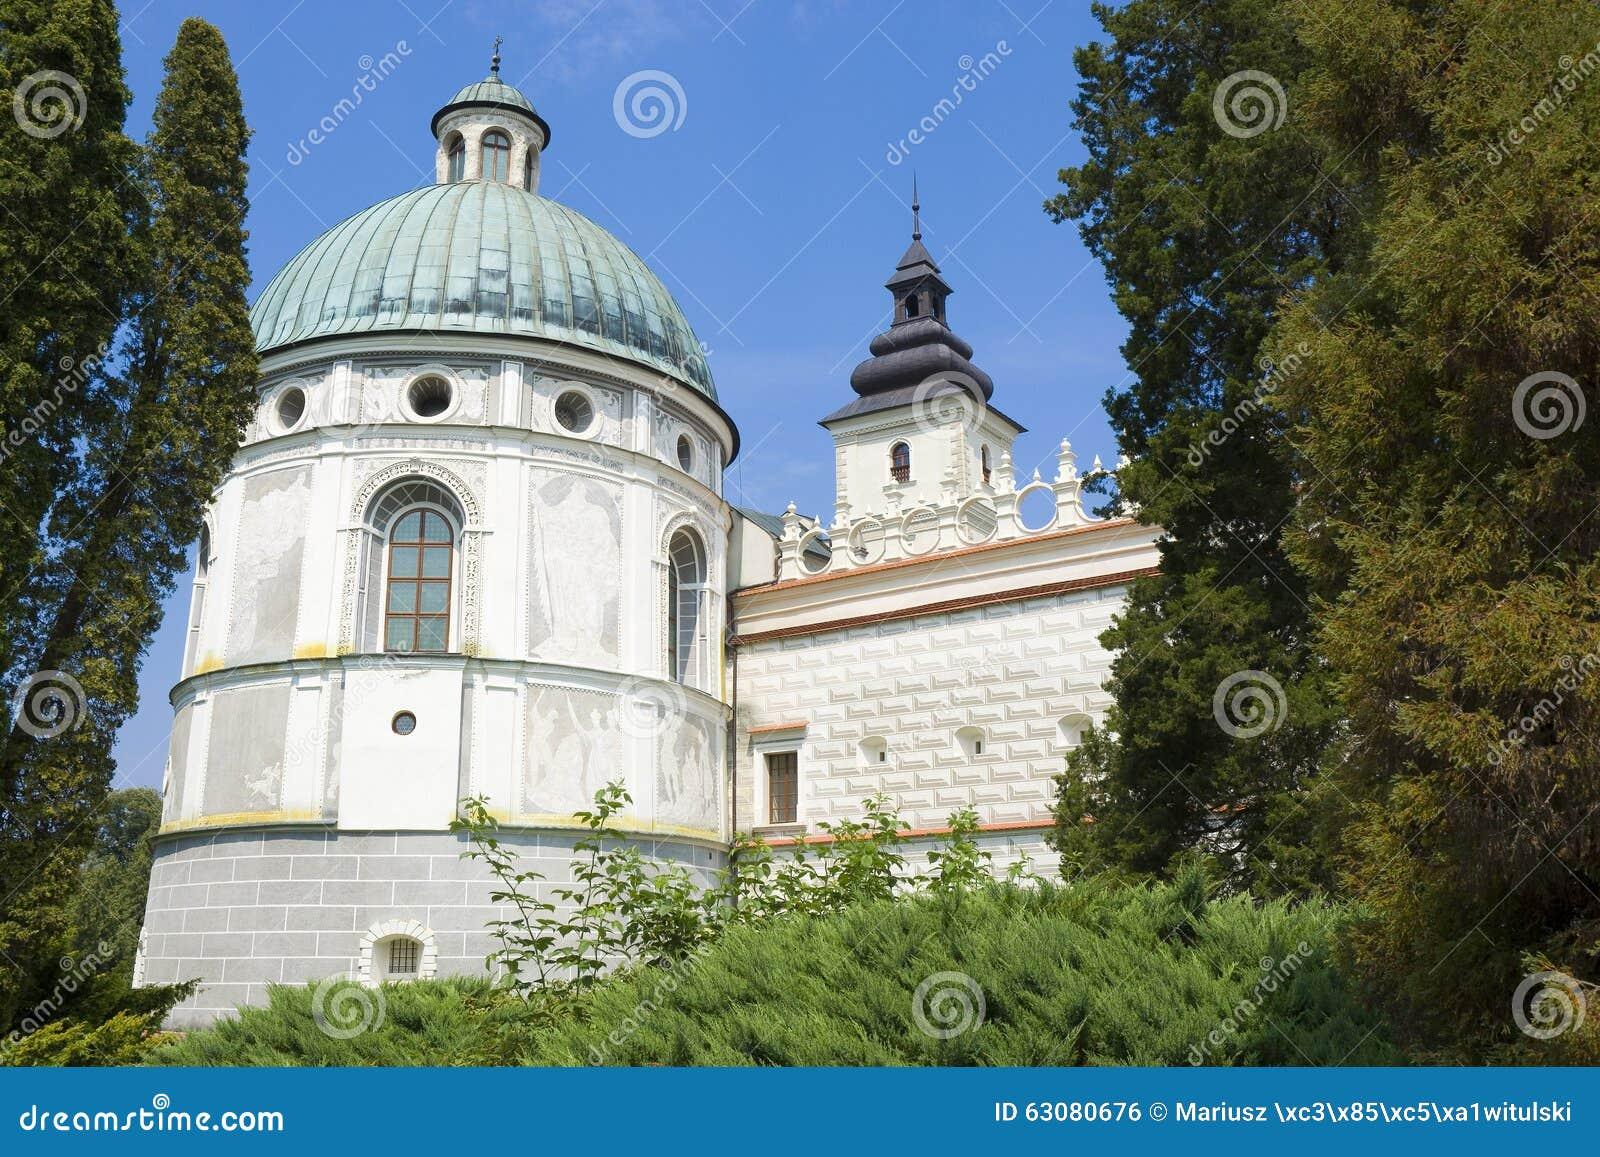 Download Château dans Krasiczyn photo stock. Image du célèbre - 63080676